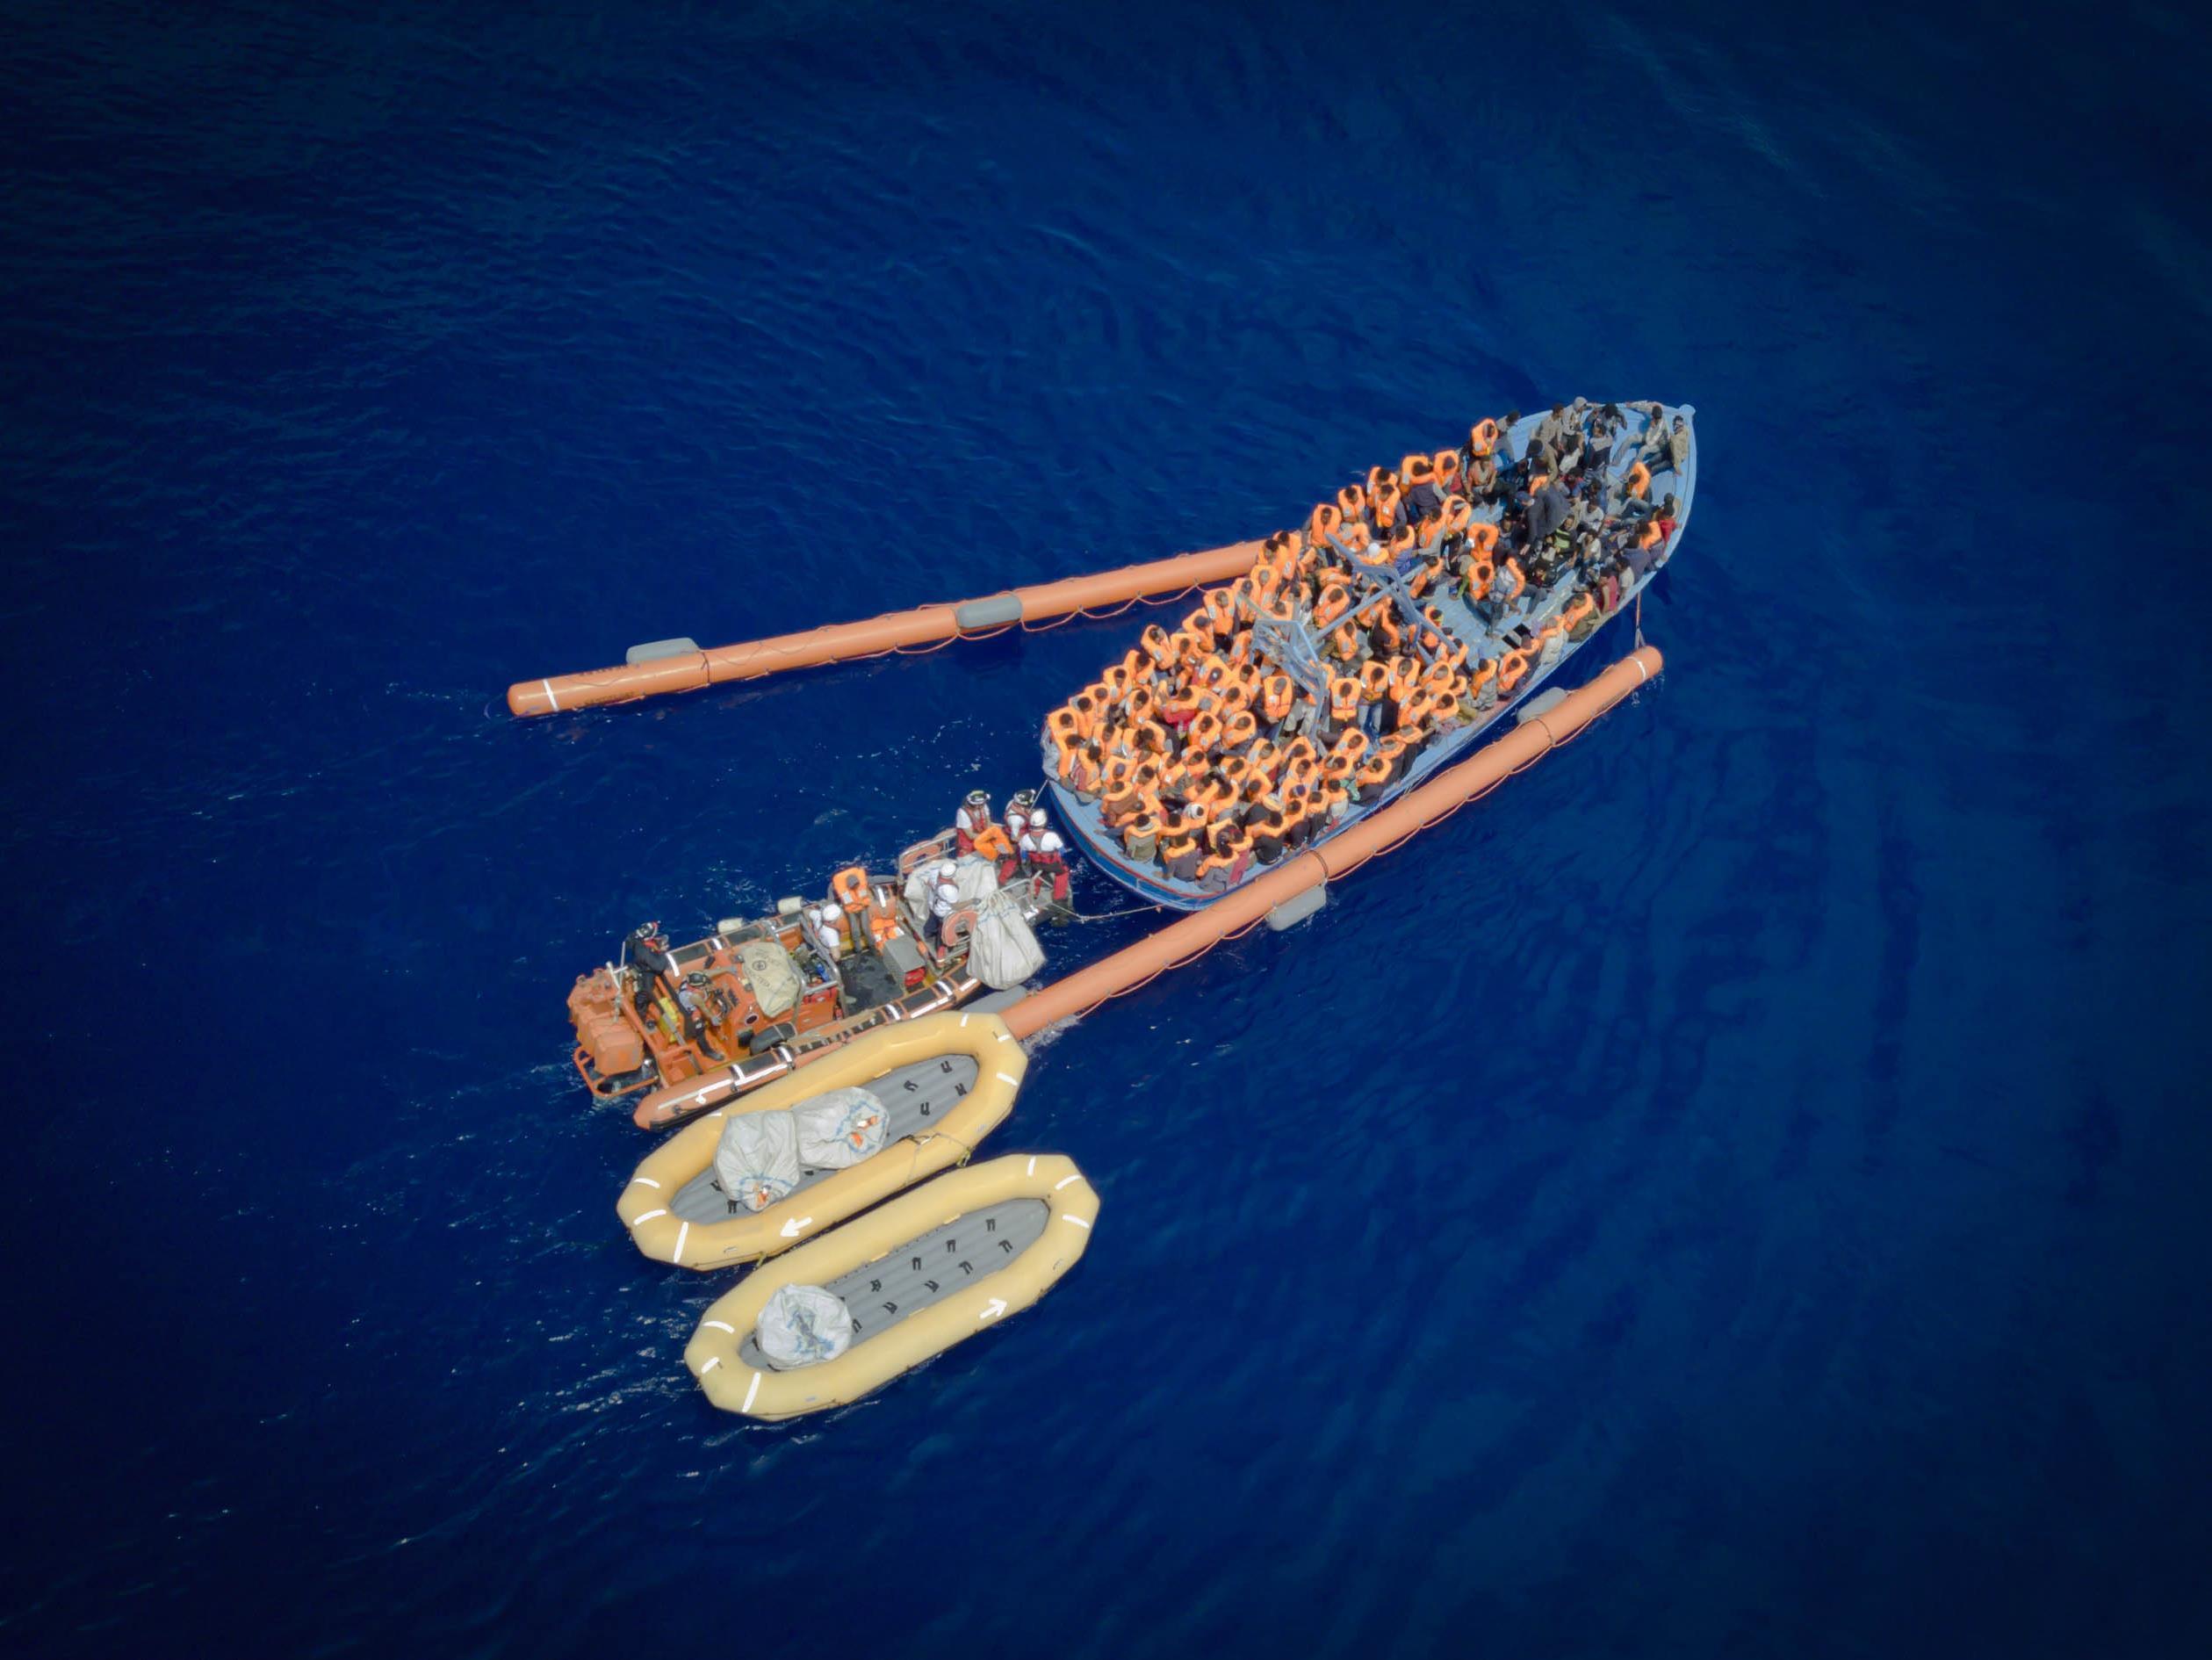 Les bateaux de bois sont très instables, alors l'équipe de l'Aquarius déploie tous ses moyens de flottaison.